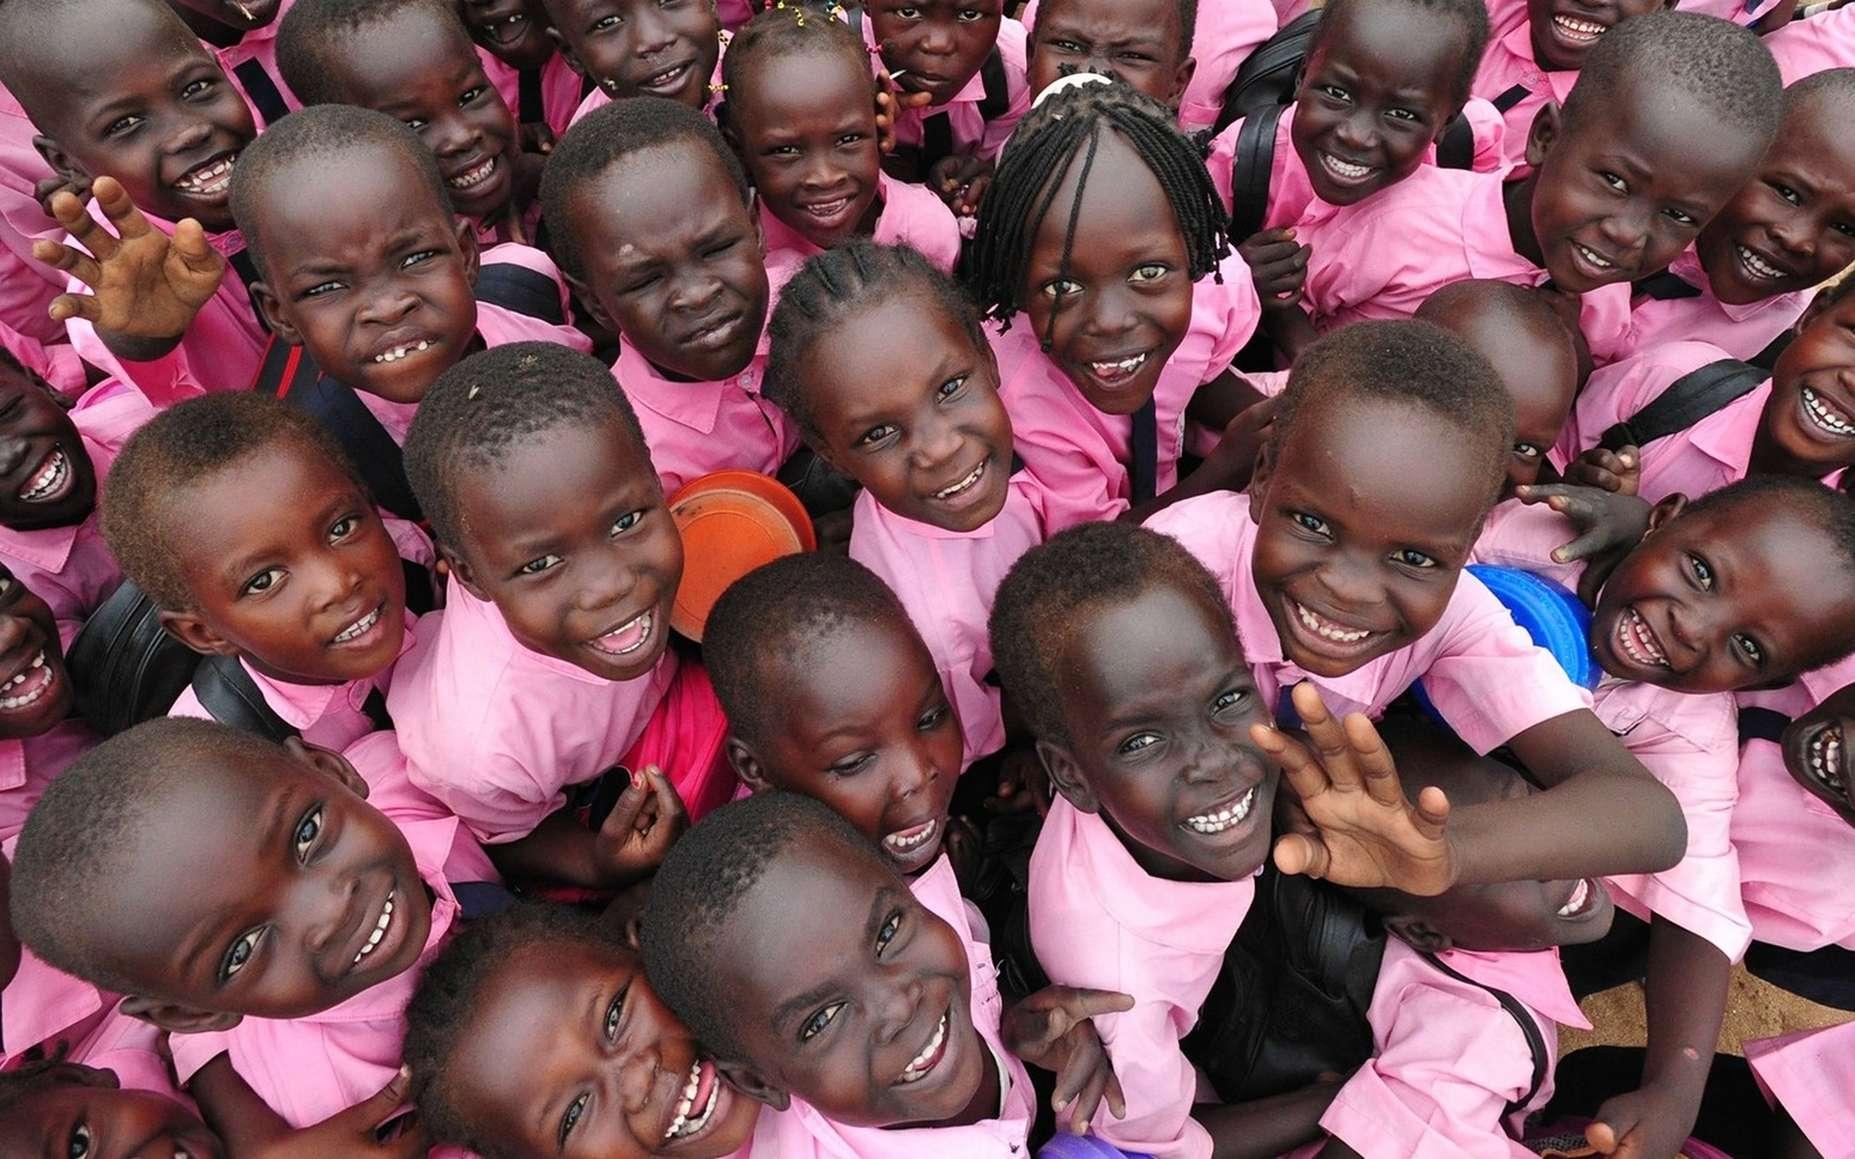 L'Afrique sub-saharienne paie un lourd tribut à la maladie Sida. Près de deux millions d'enfants dans le monde vivraient avec le VIH. © tpsdave, Pixabay